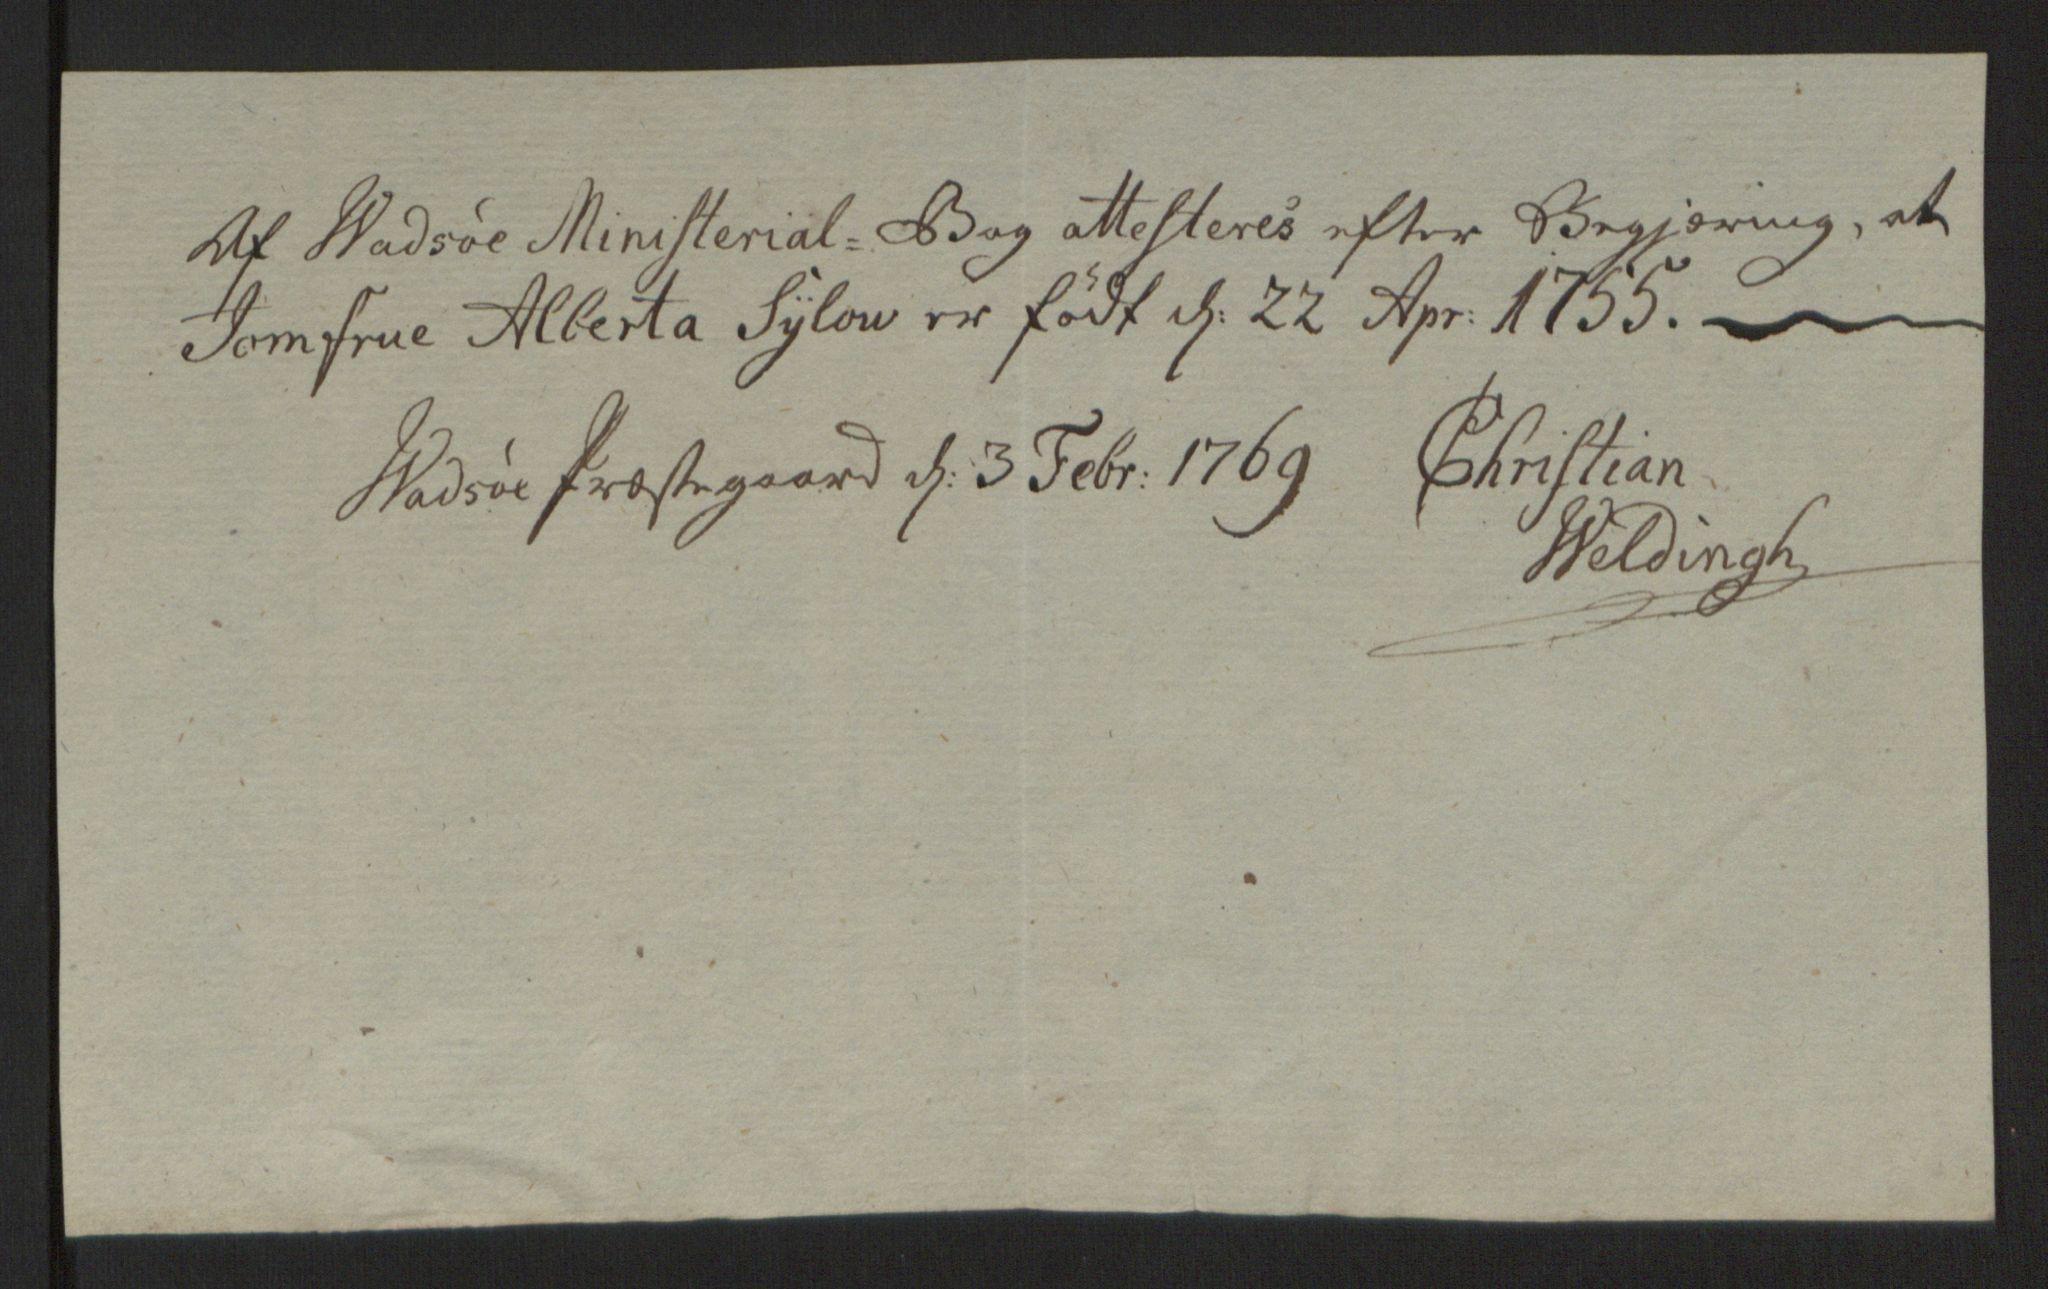 RA, Rentekammeret inntil 1814, Reviderte regnskaper, Fogderegnskap, R69/L4910: Ekstraskatten  Finnmark/Vardøhus, 1762-1772, s. 289